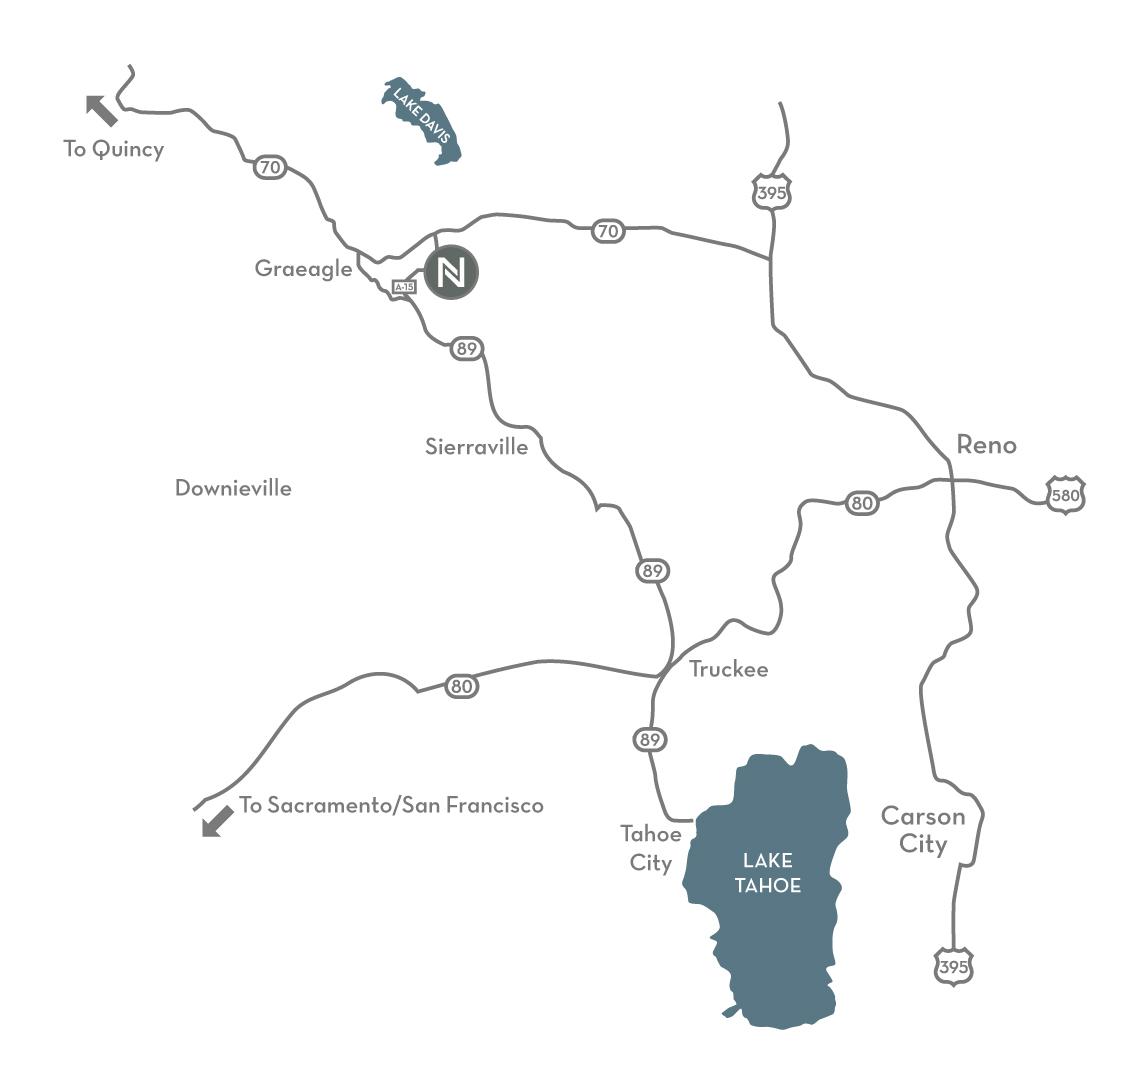 2020 Nakoma Locator Map Sacramento